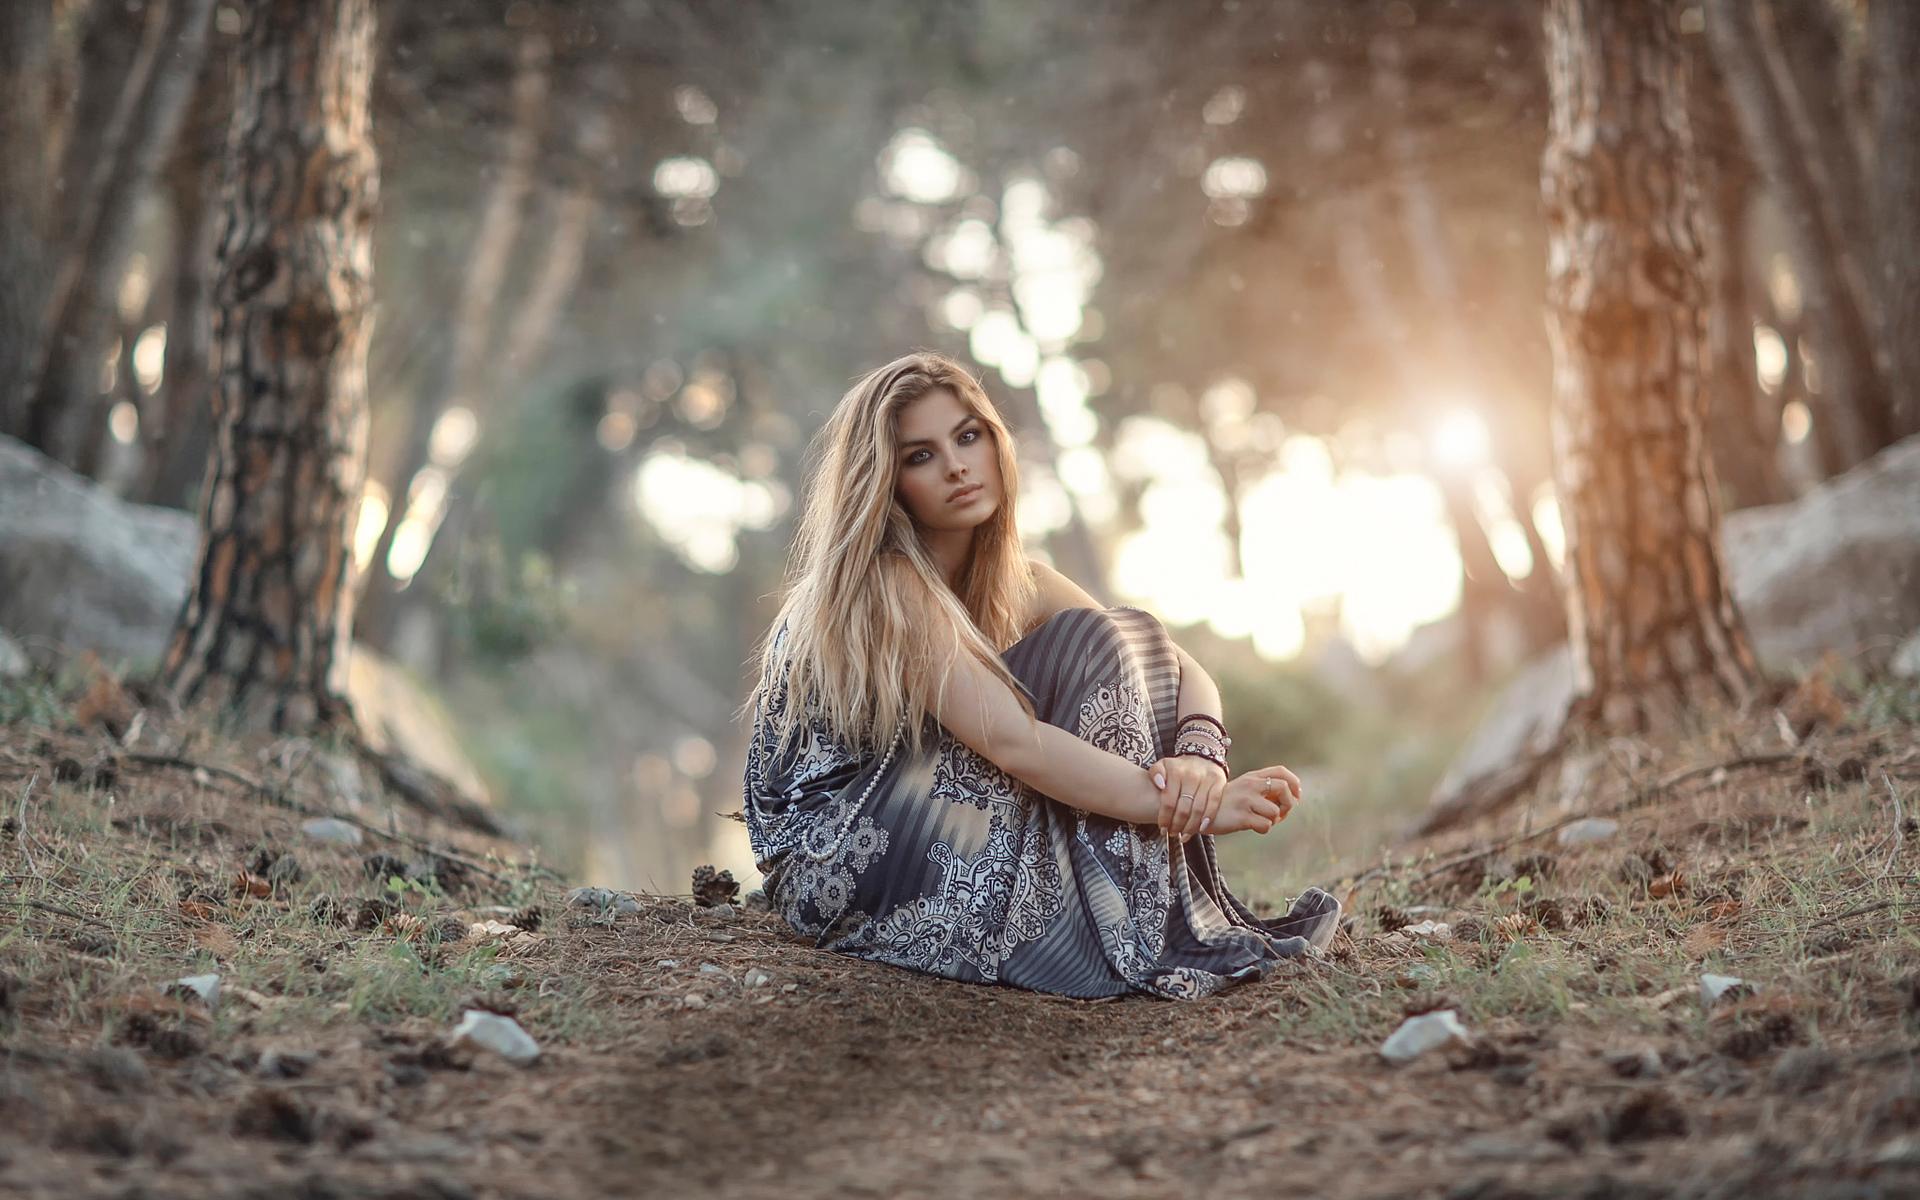 Эротика деревенская девочка 30 фотография